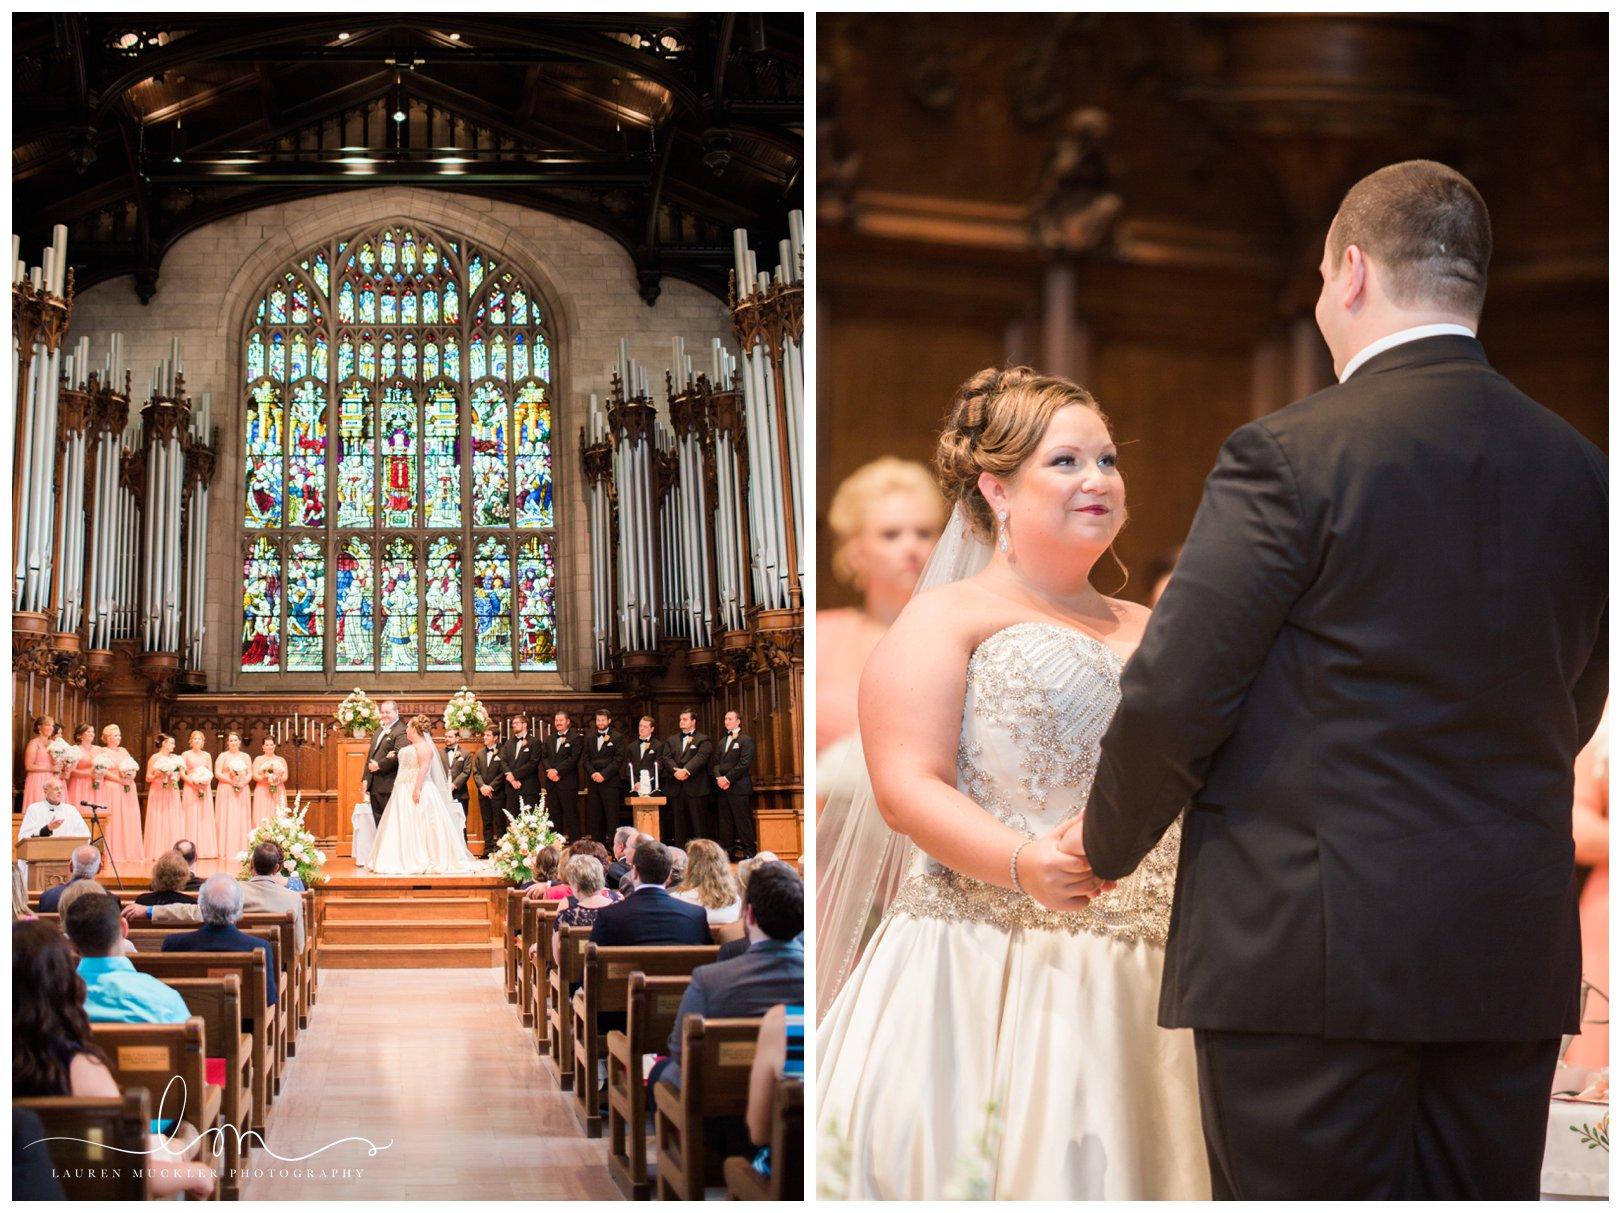 lauren muckler photography_fine art film wedding photography_st louis_photography_0622.jpg